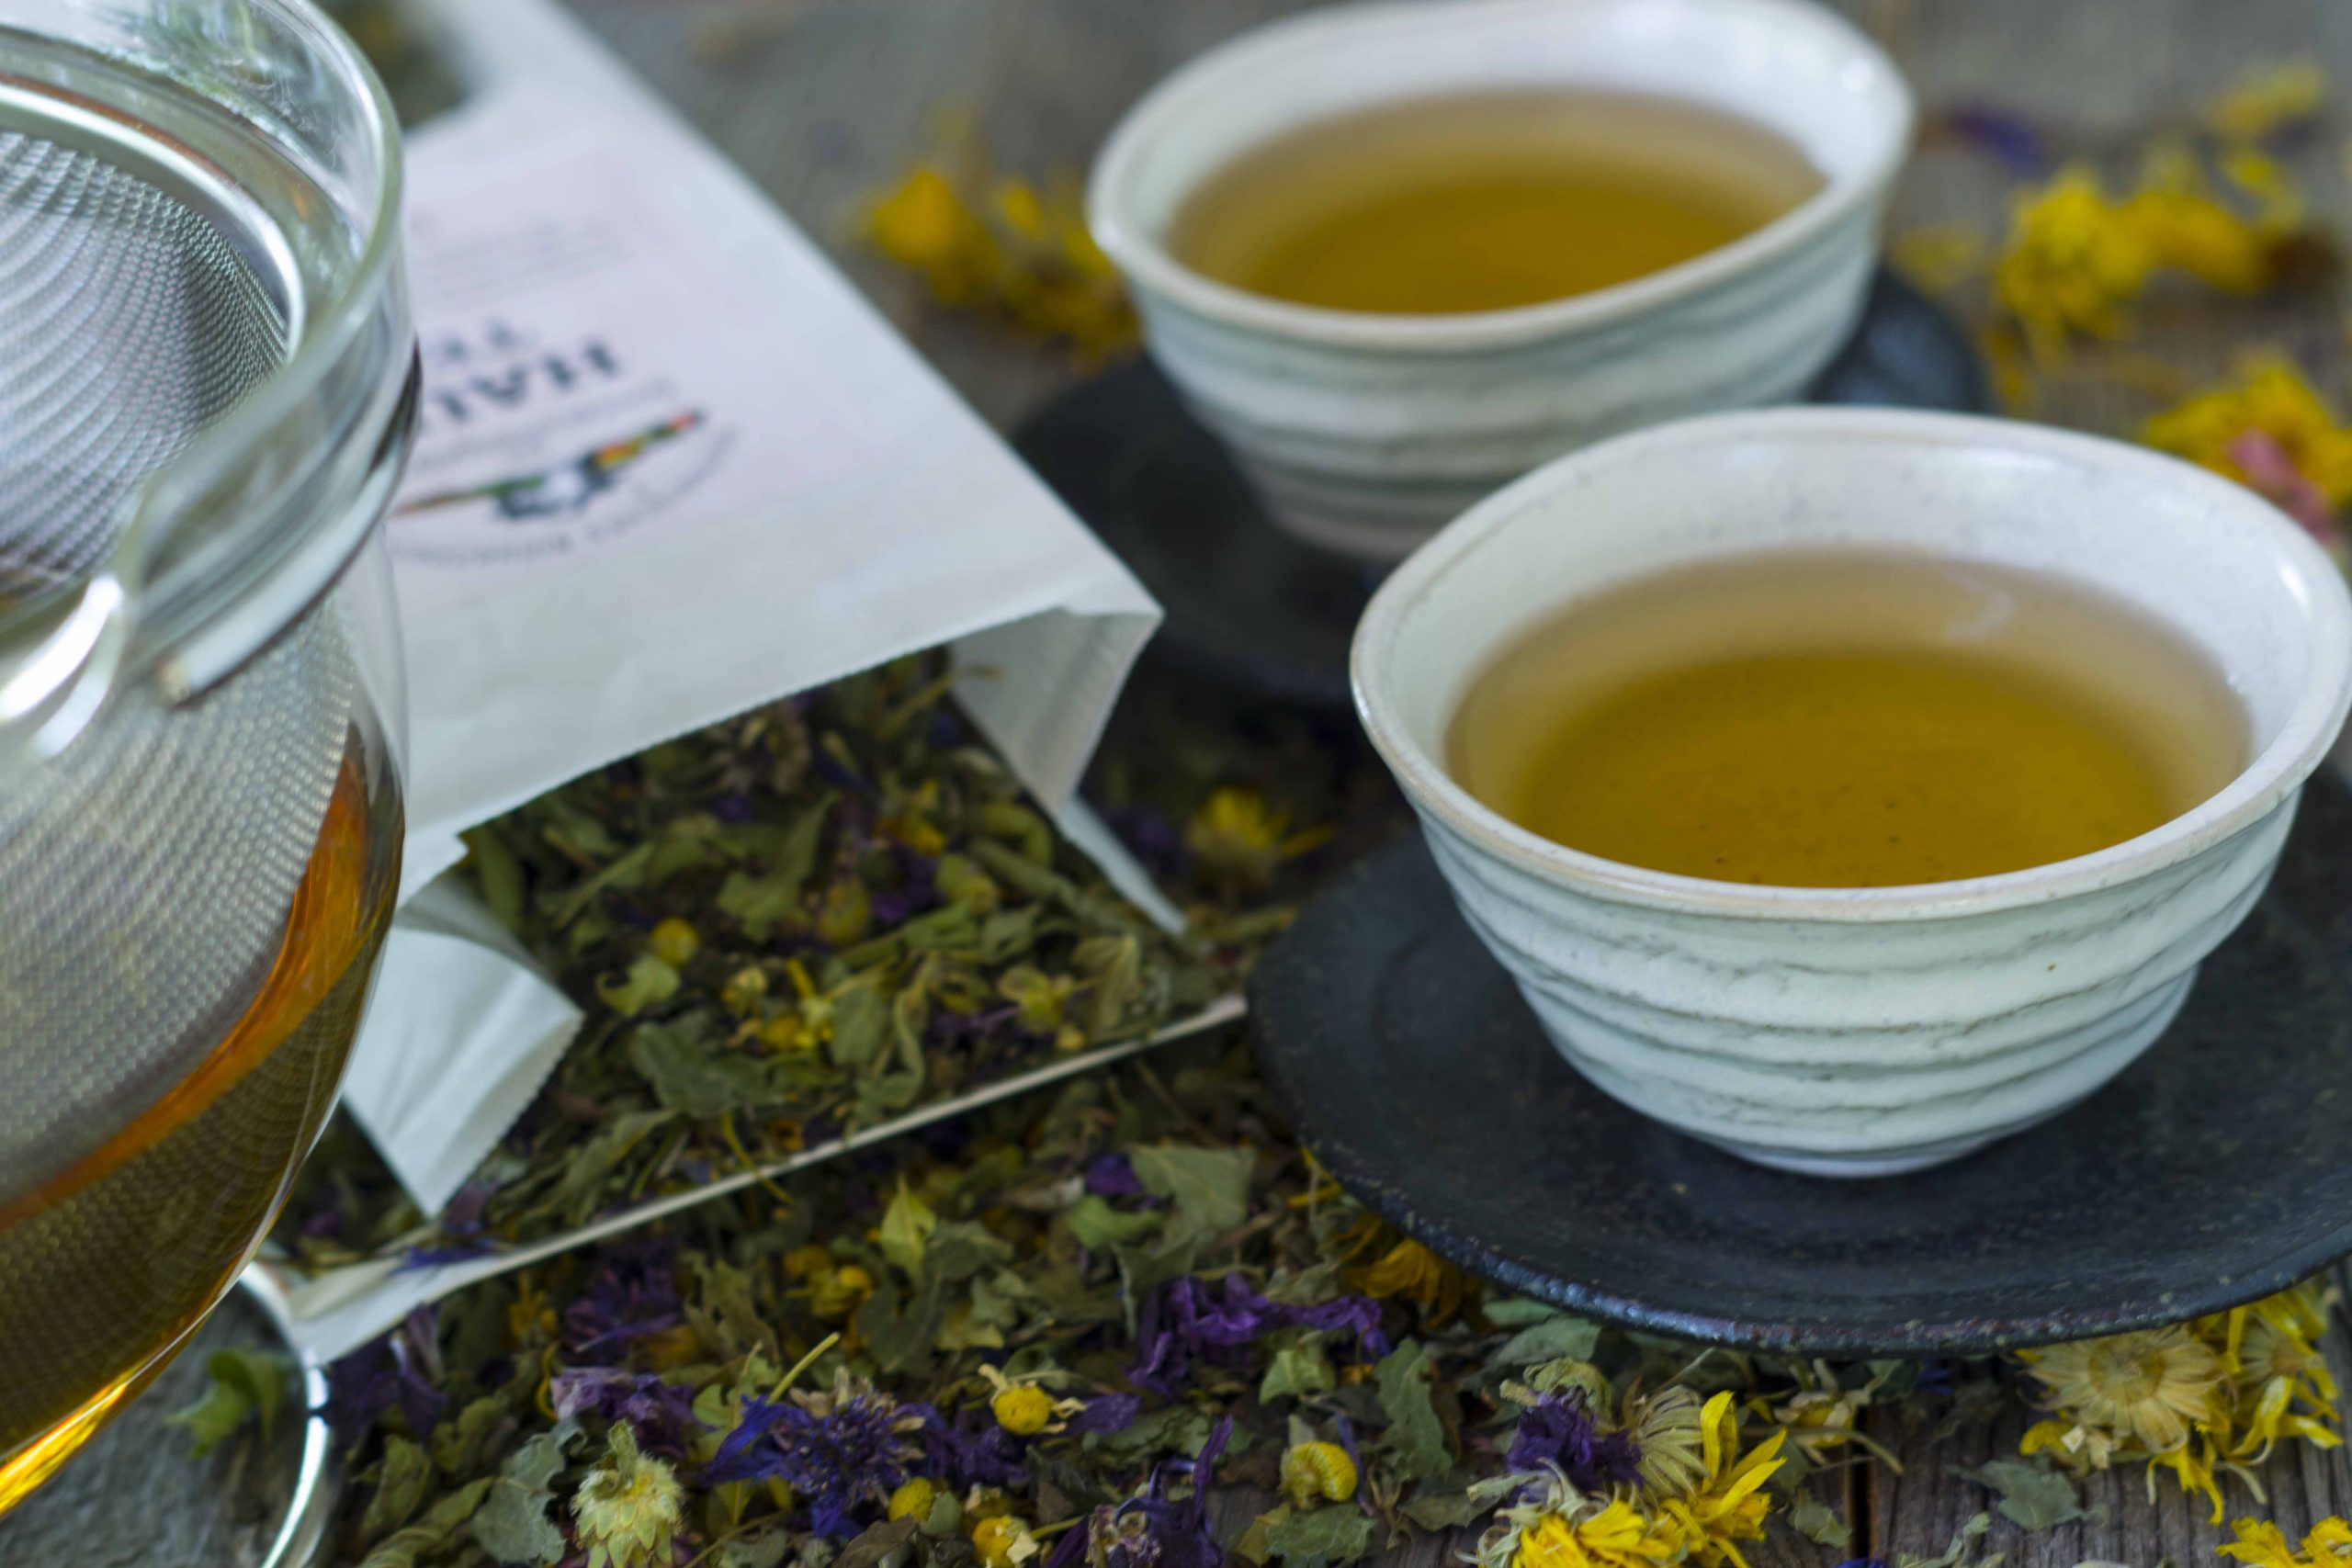 Kräuter-Haustee Bio im Aufguss in zwei Tassen. Untergrund Holz mit aufgestreuten Teezutaten, einer offenen Packung und einer großen Glaskanne mit Siebeinsatz.